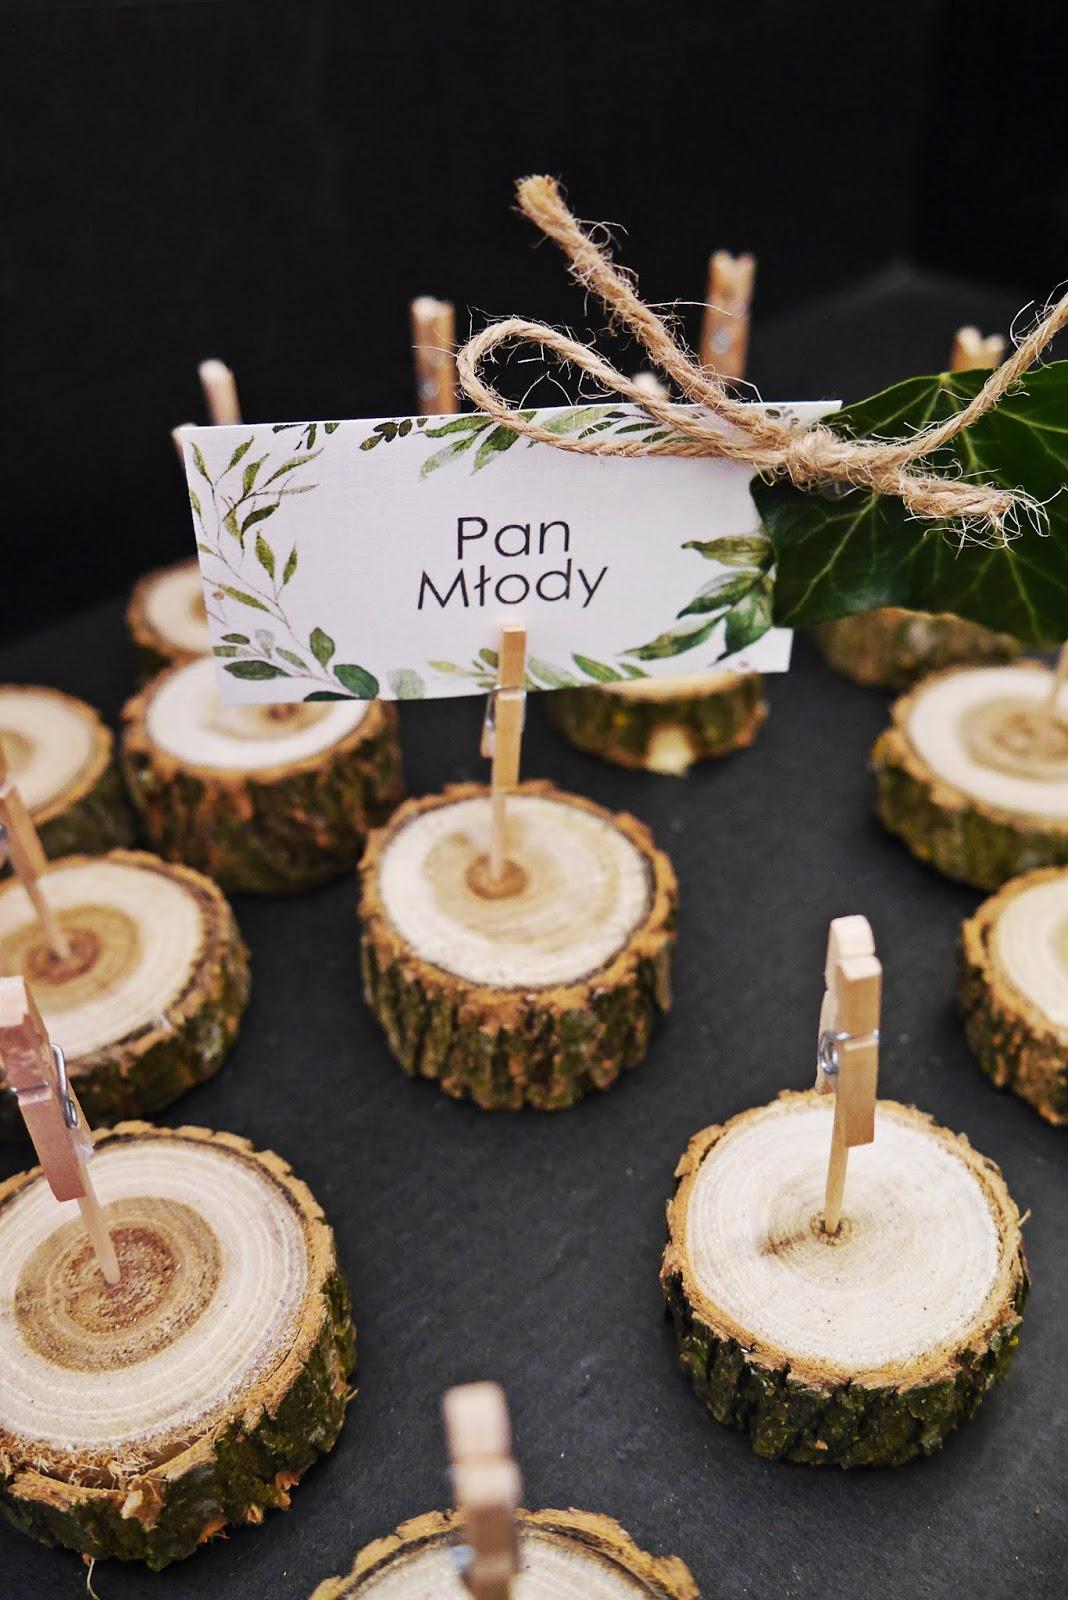 winietki męskie na pniu plastrze drewna diy karyn blog modowy ślubny blogerka modowa